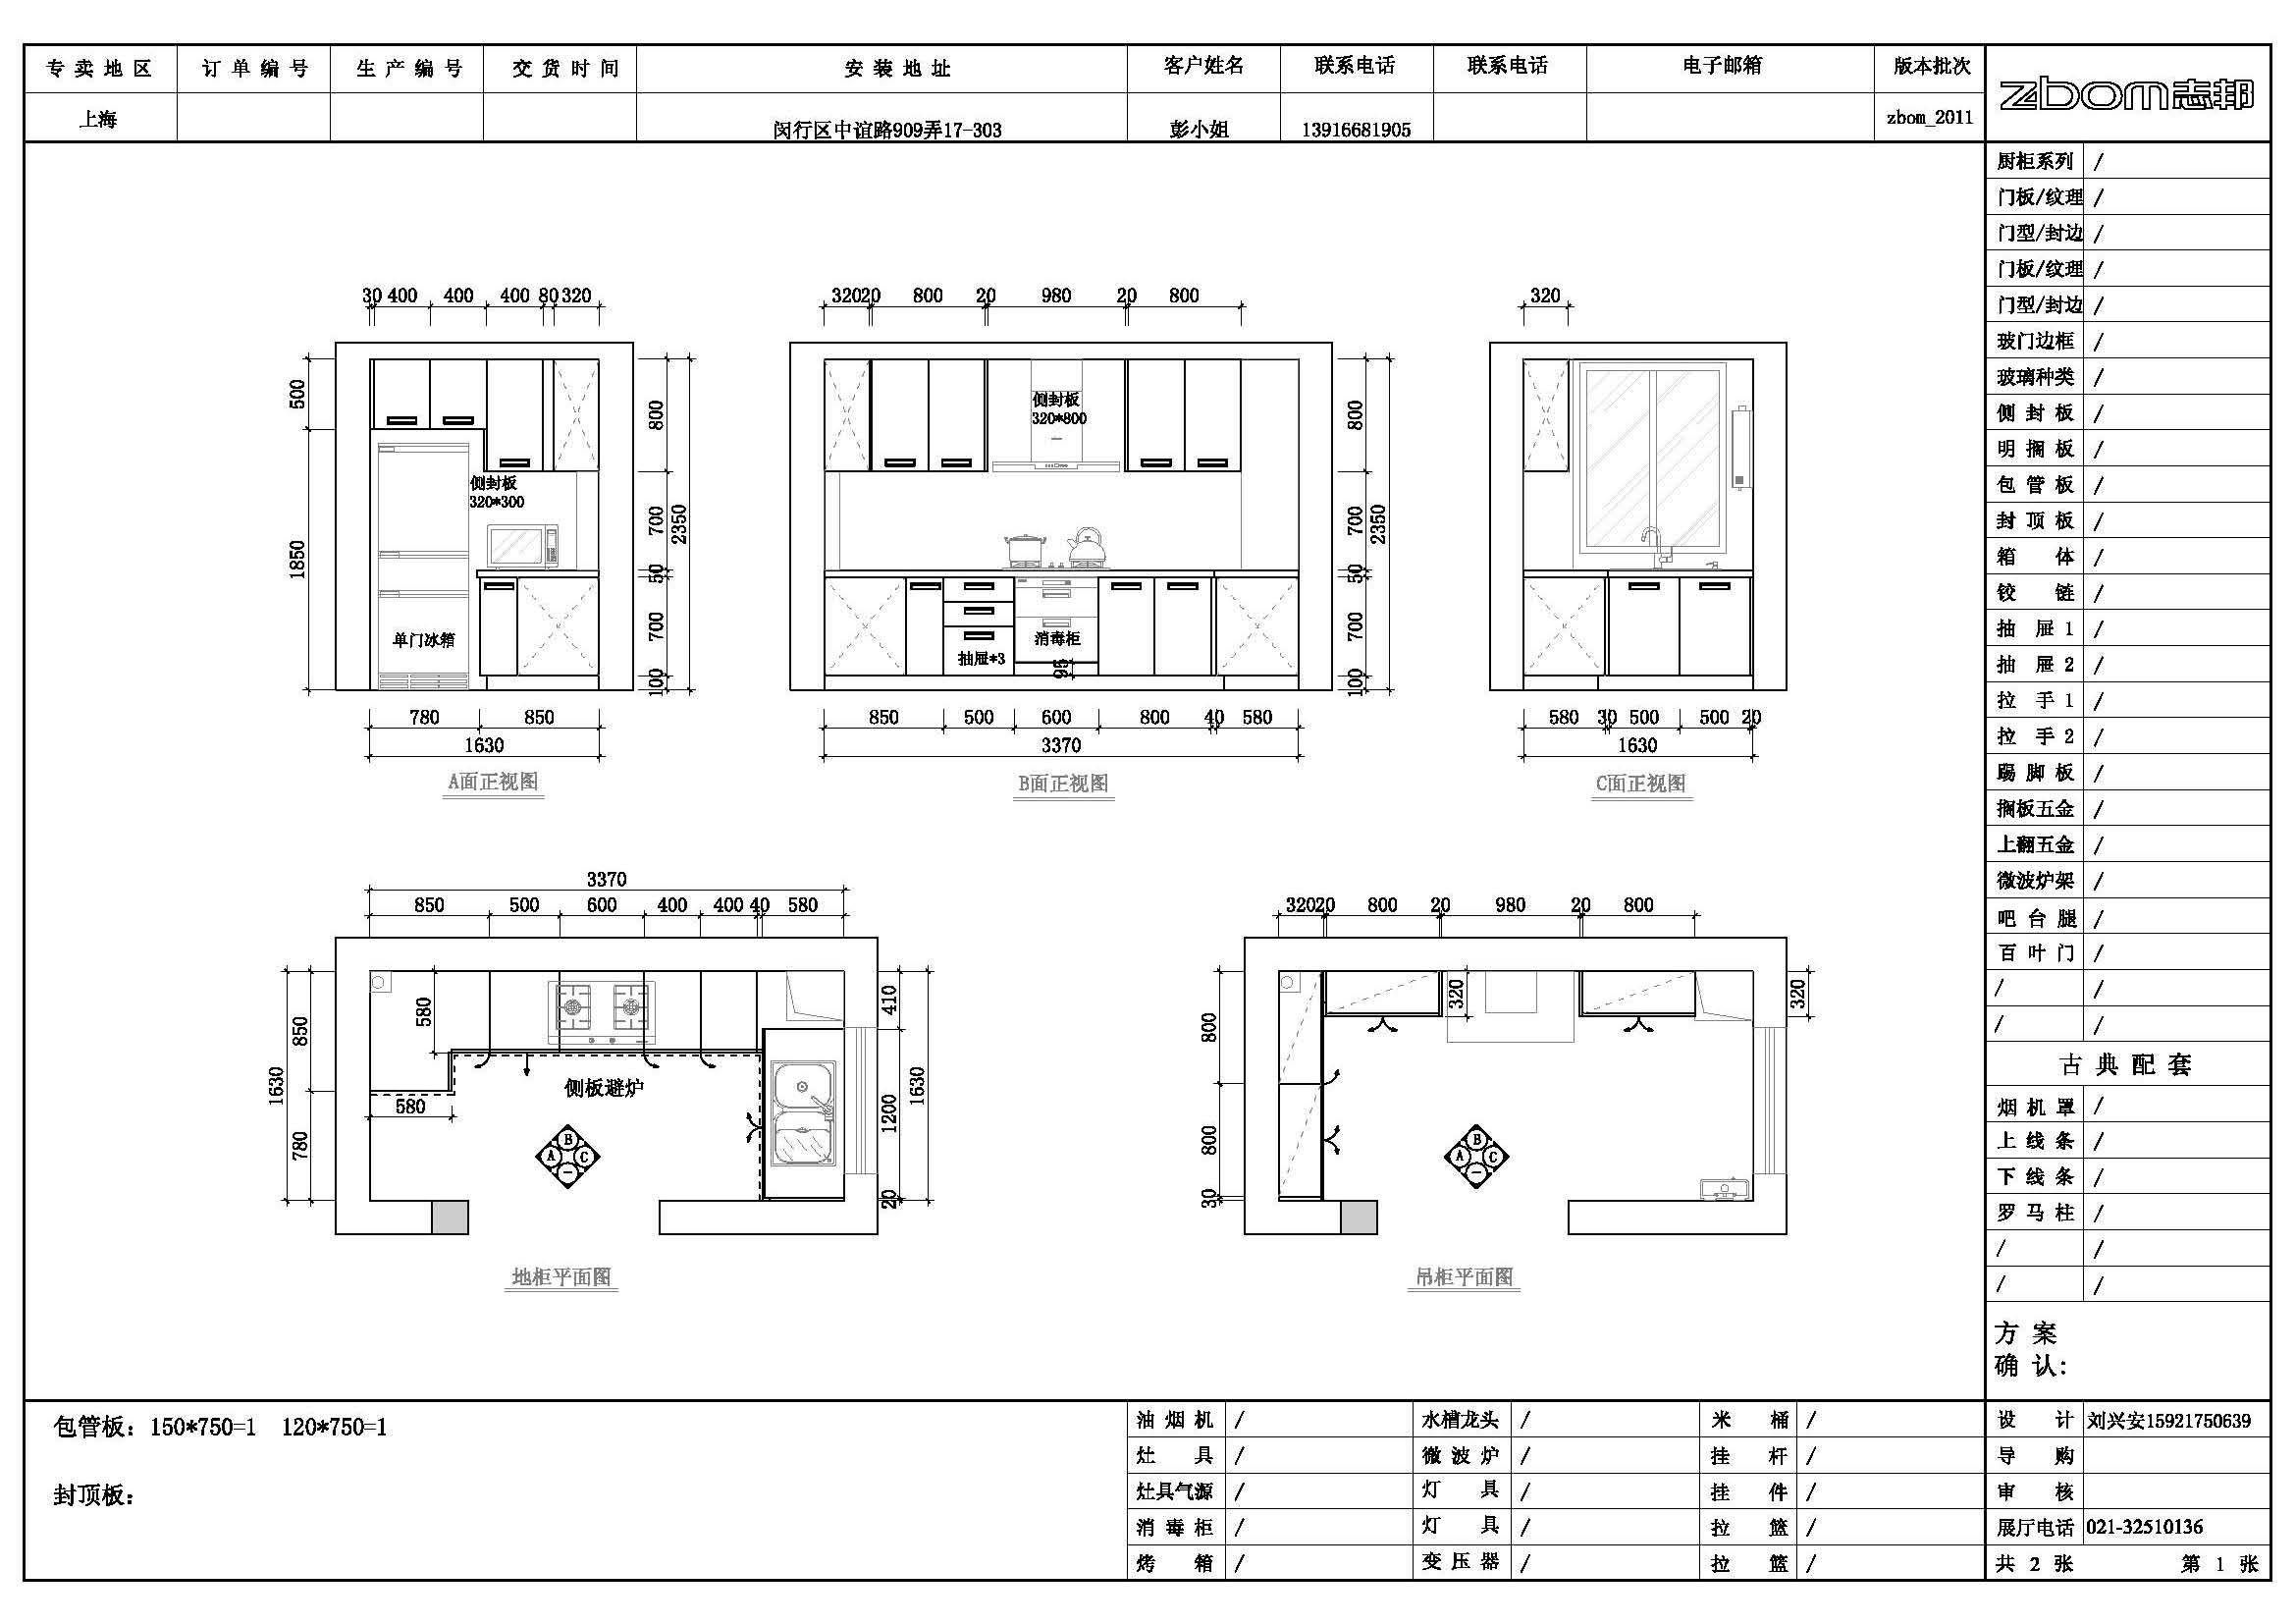 M&A的新家李坦制造朗观设计,图纸修改中图纸阀卸料图片